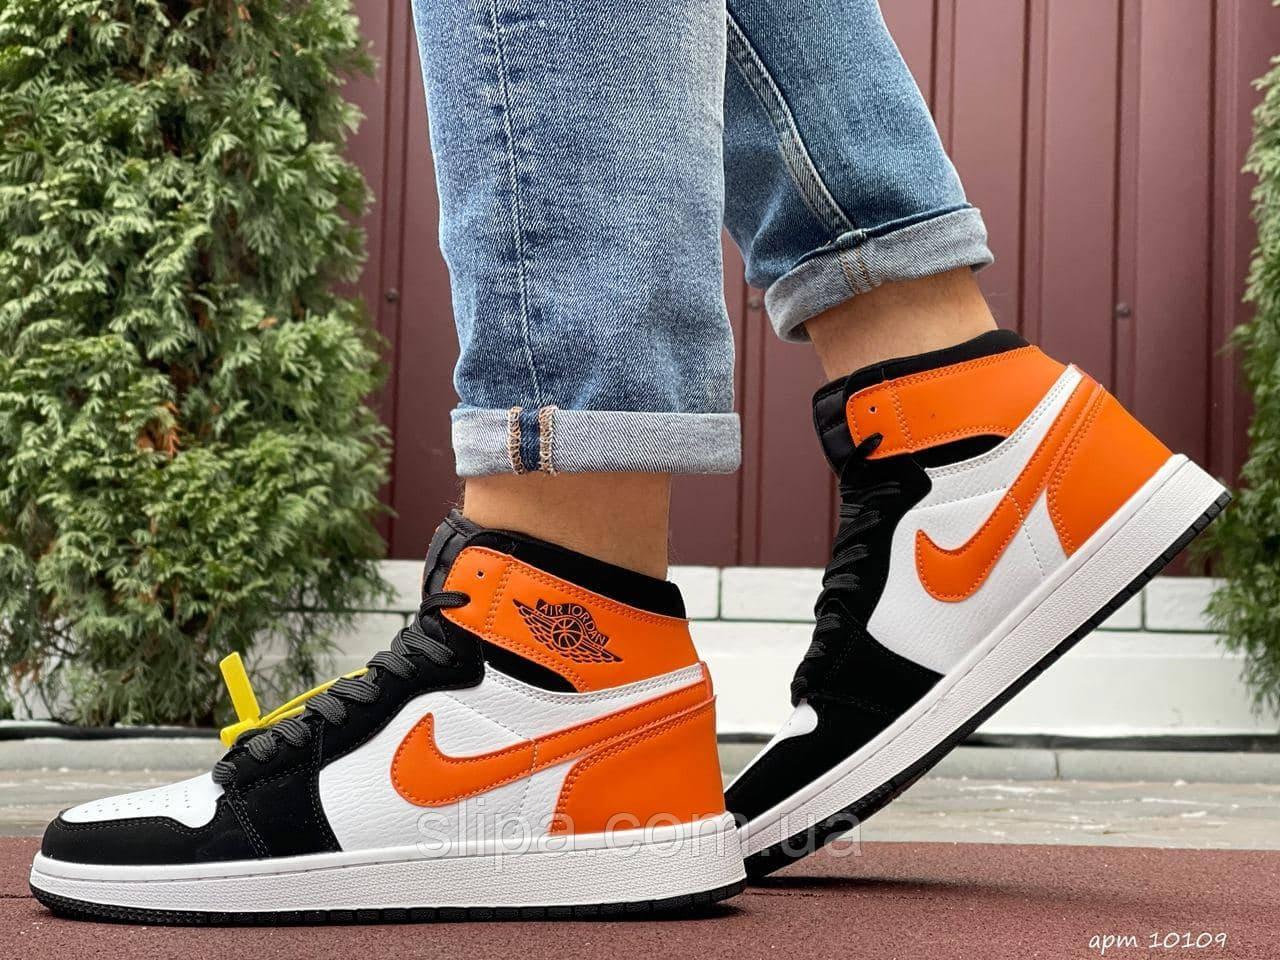 Мужские кожаные кроссовки Nike Air Jordan 1 Retro белые с оранжевым